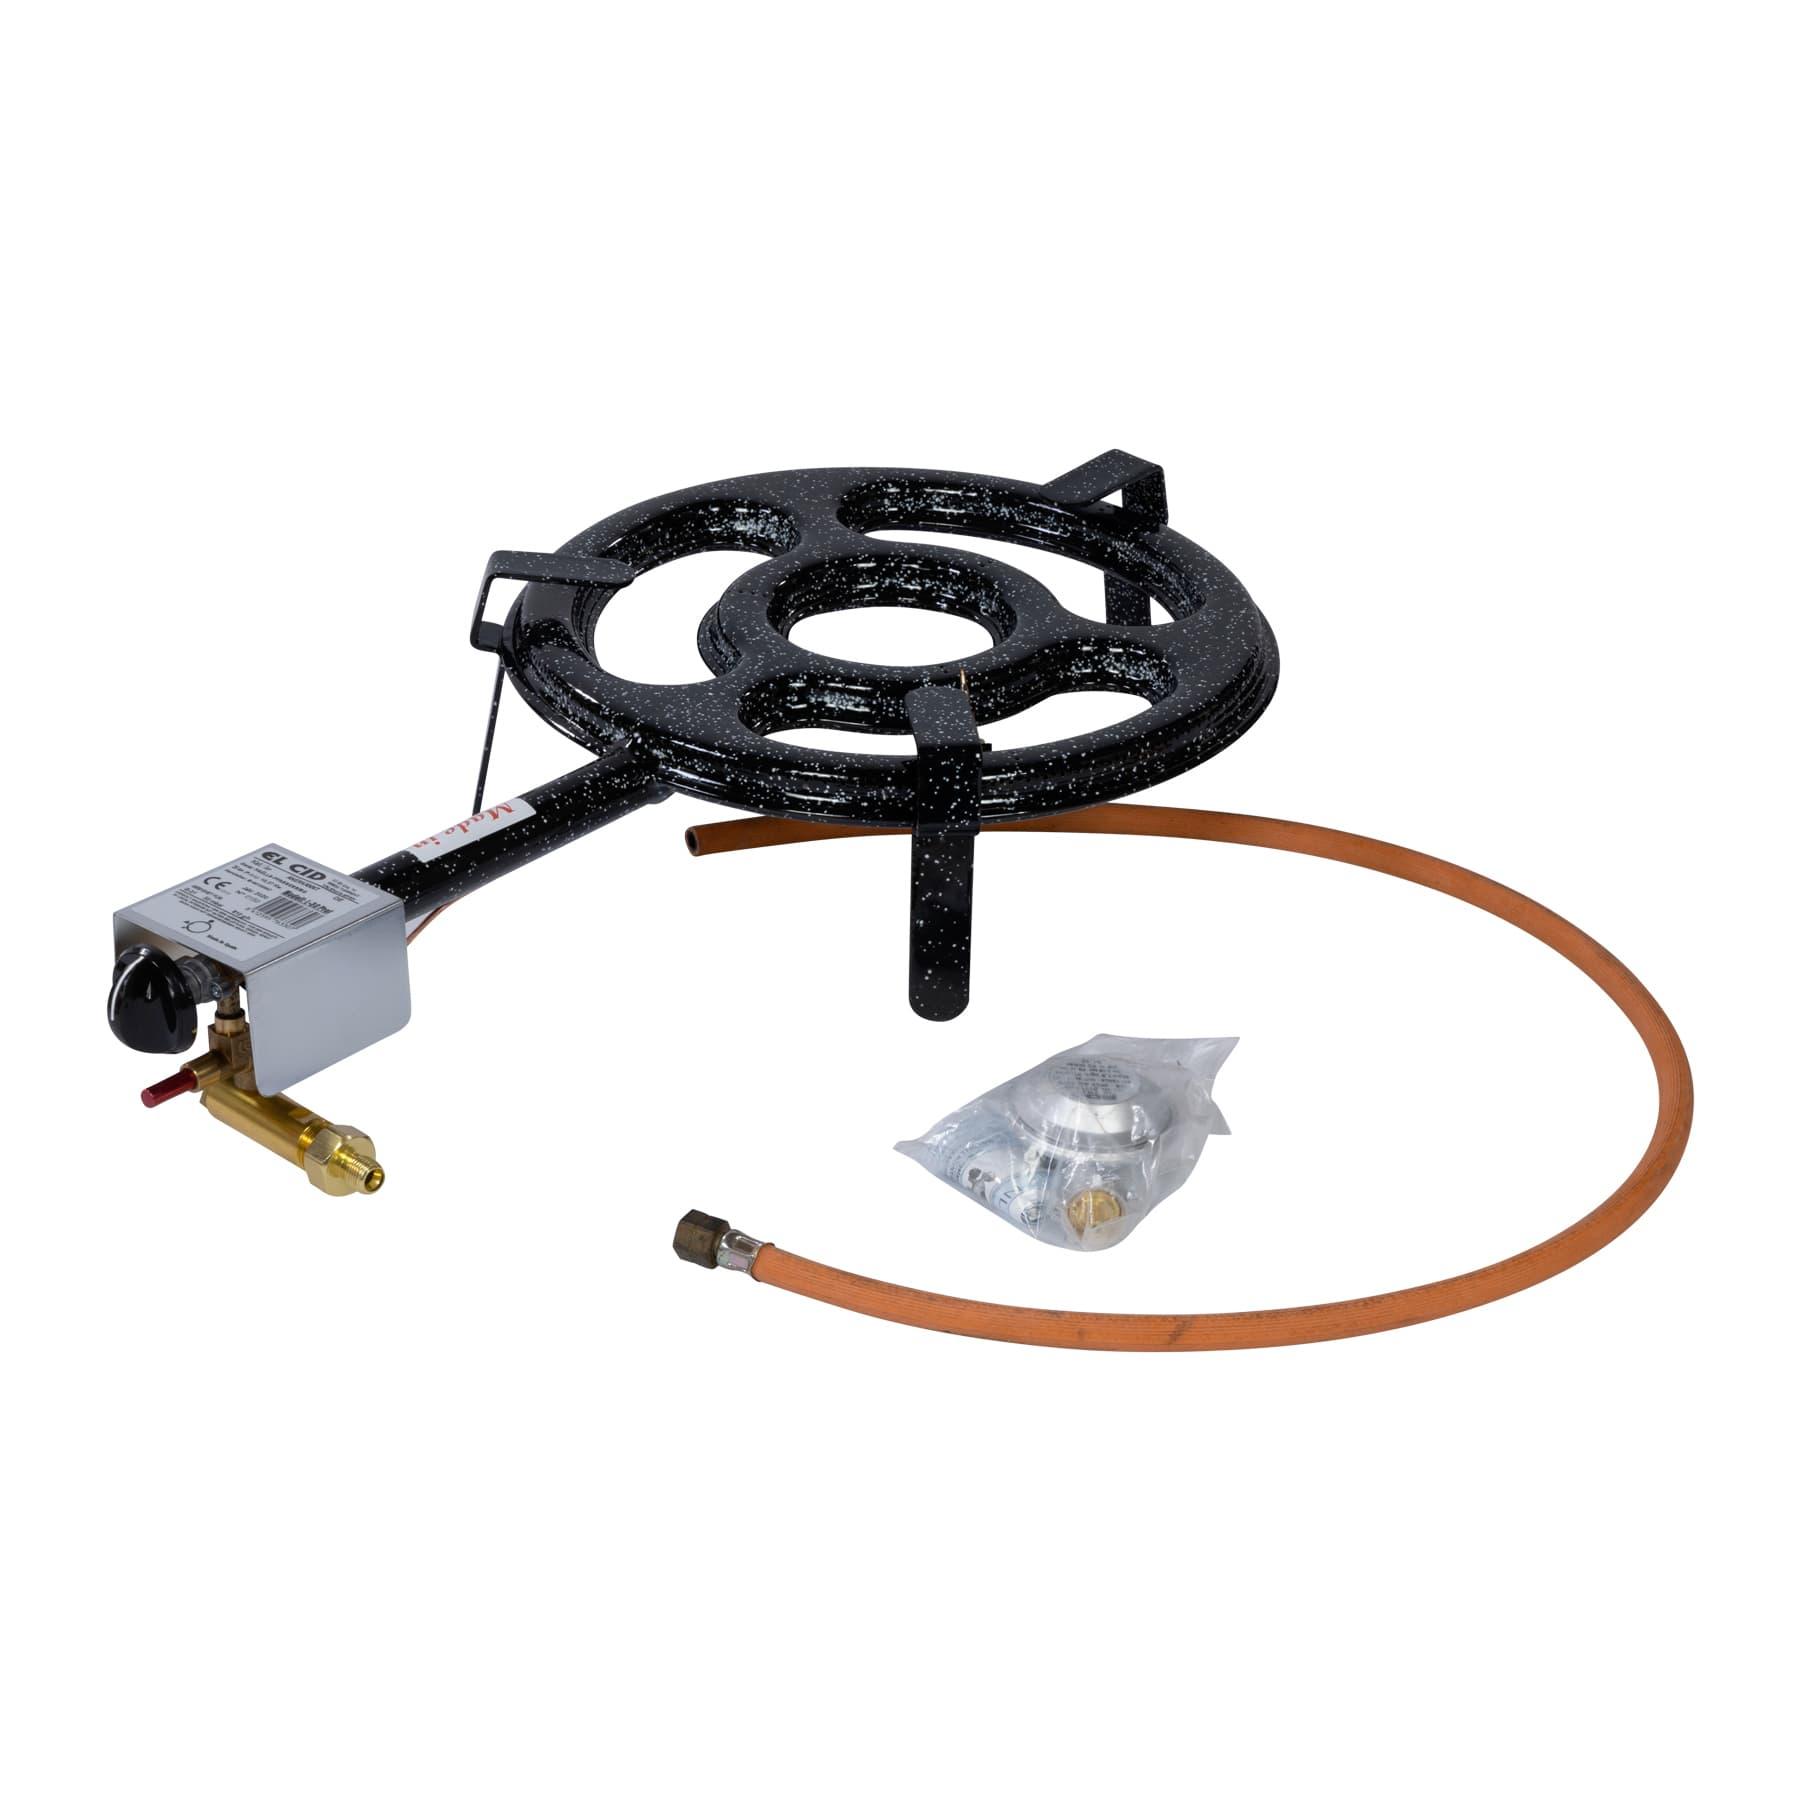 2-Ring Gasbrenner mit Zündsicherung 30cm, 10,37 kW max. 12,55 kW incl. Schlauch u. Druckminderer